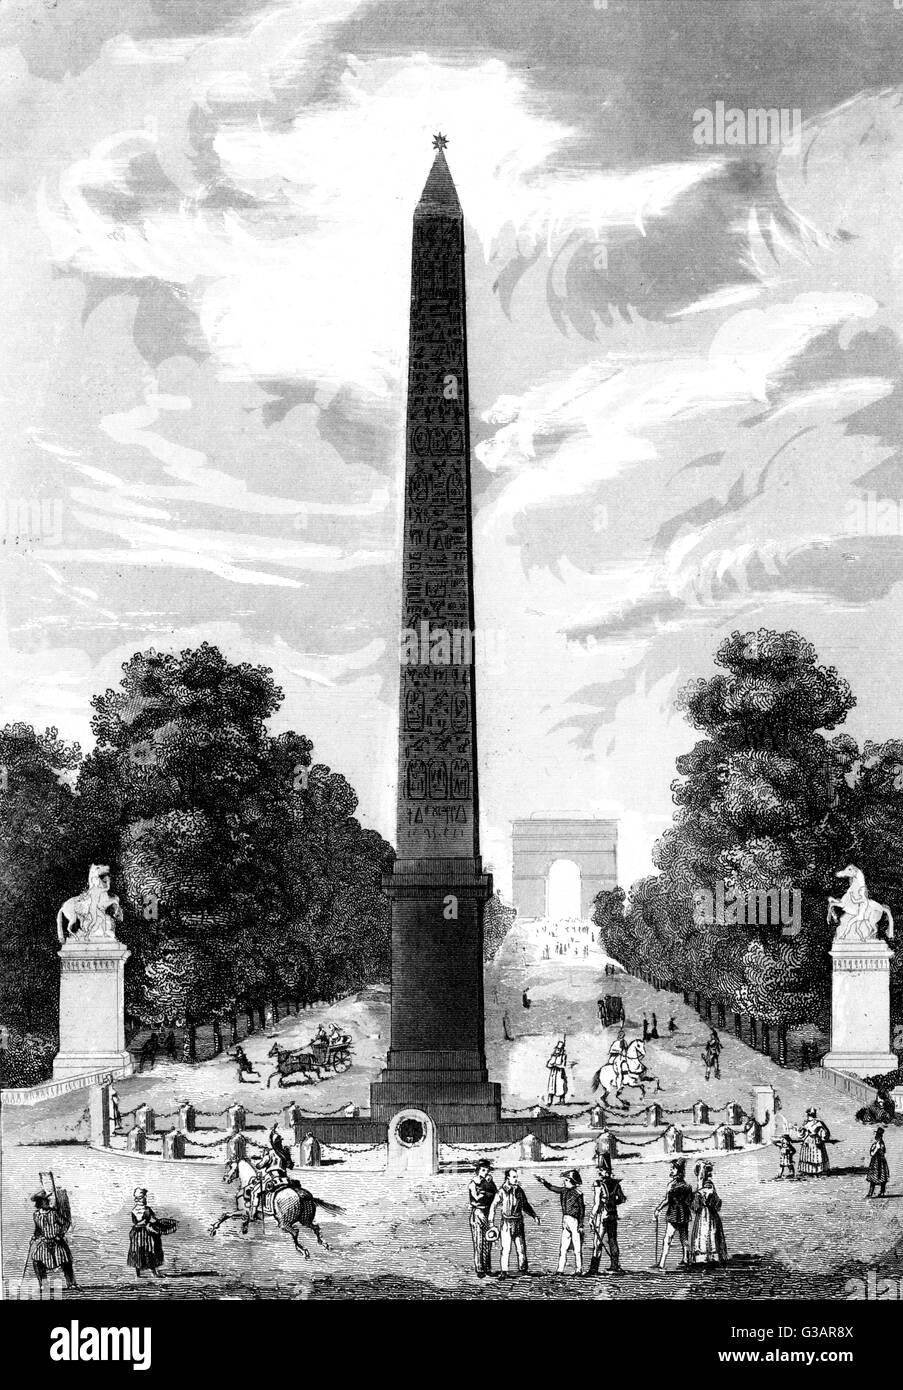 Paris, France - Place de la Concorde.     Date: 1836 - Stock Image